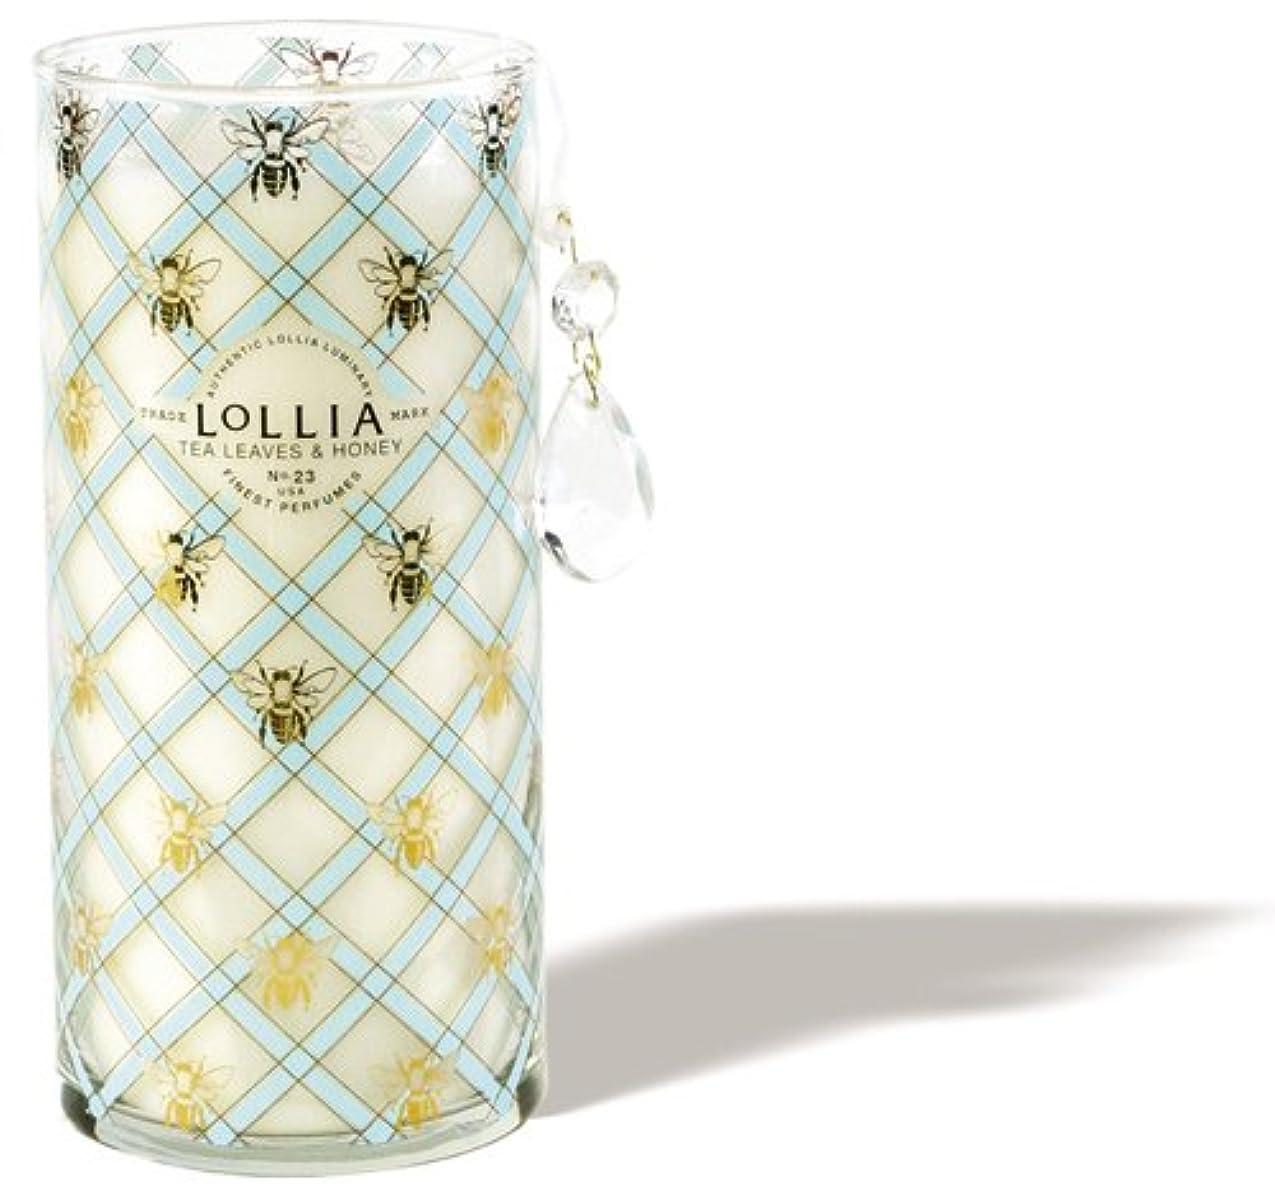 継続中ハイジャックデンプシーロリア(LoLLIA) トールパフュームドルミナリー790g Wish(チャーム付キャンドル ティーリーフ&ハニーの香り)